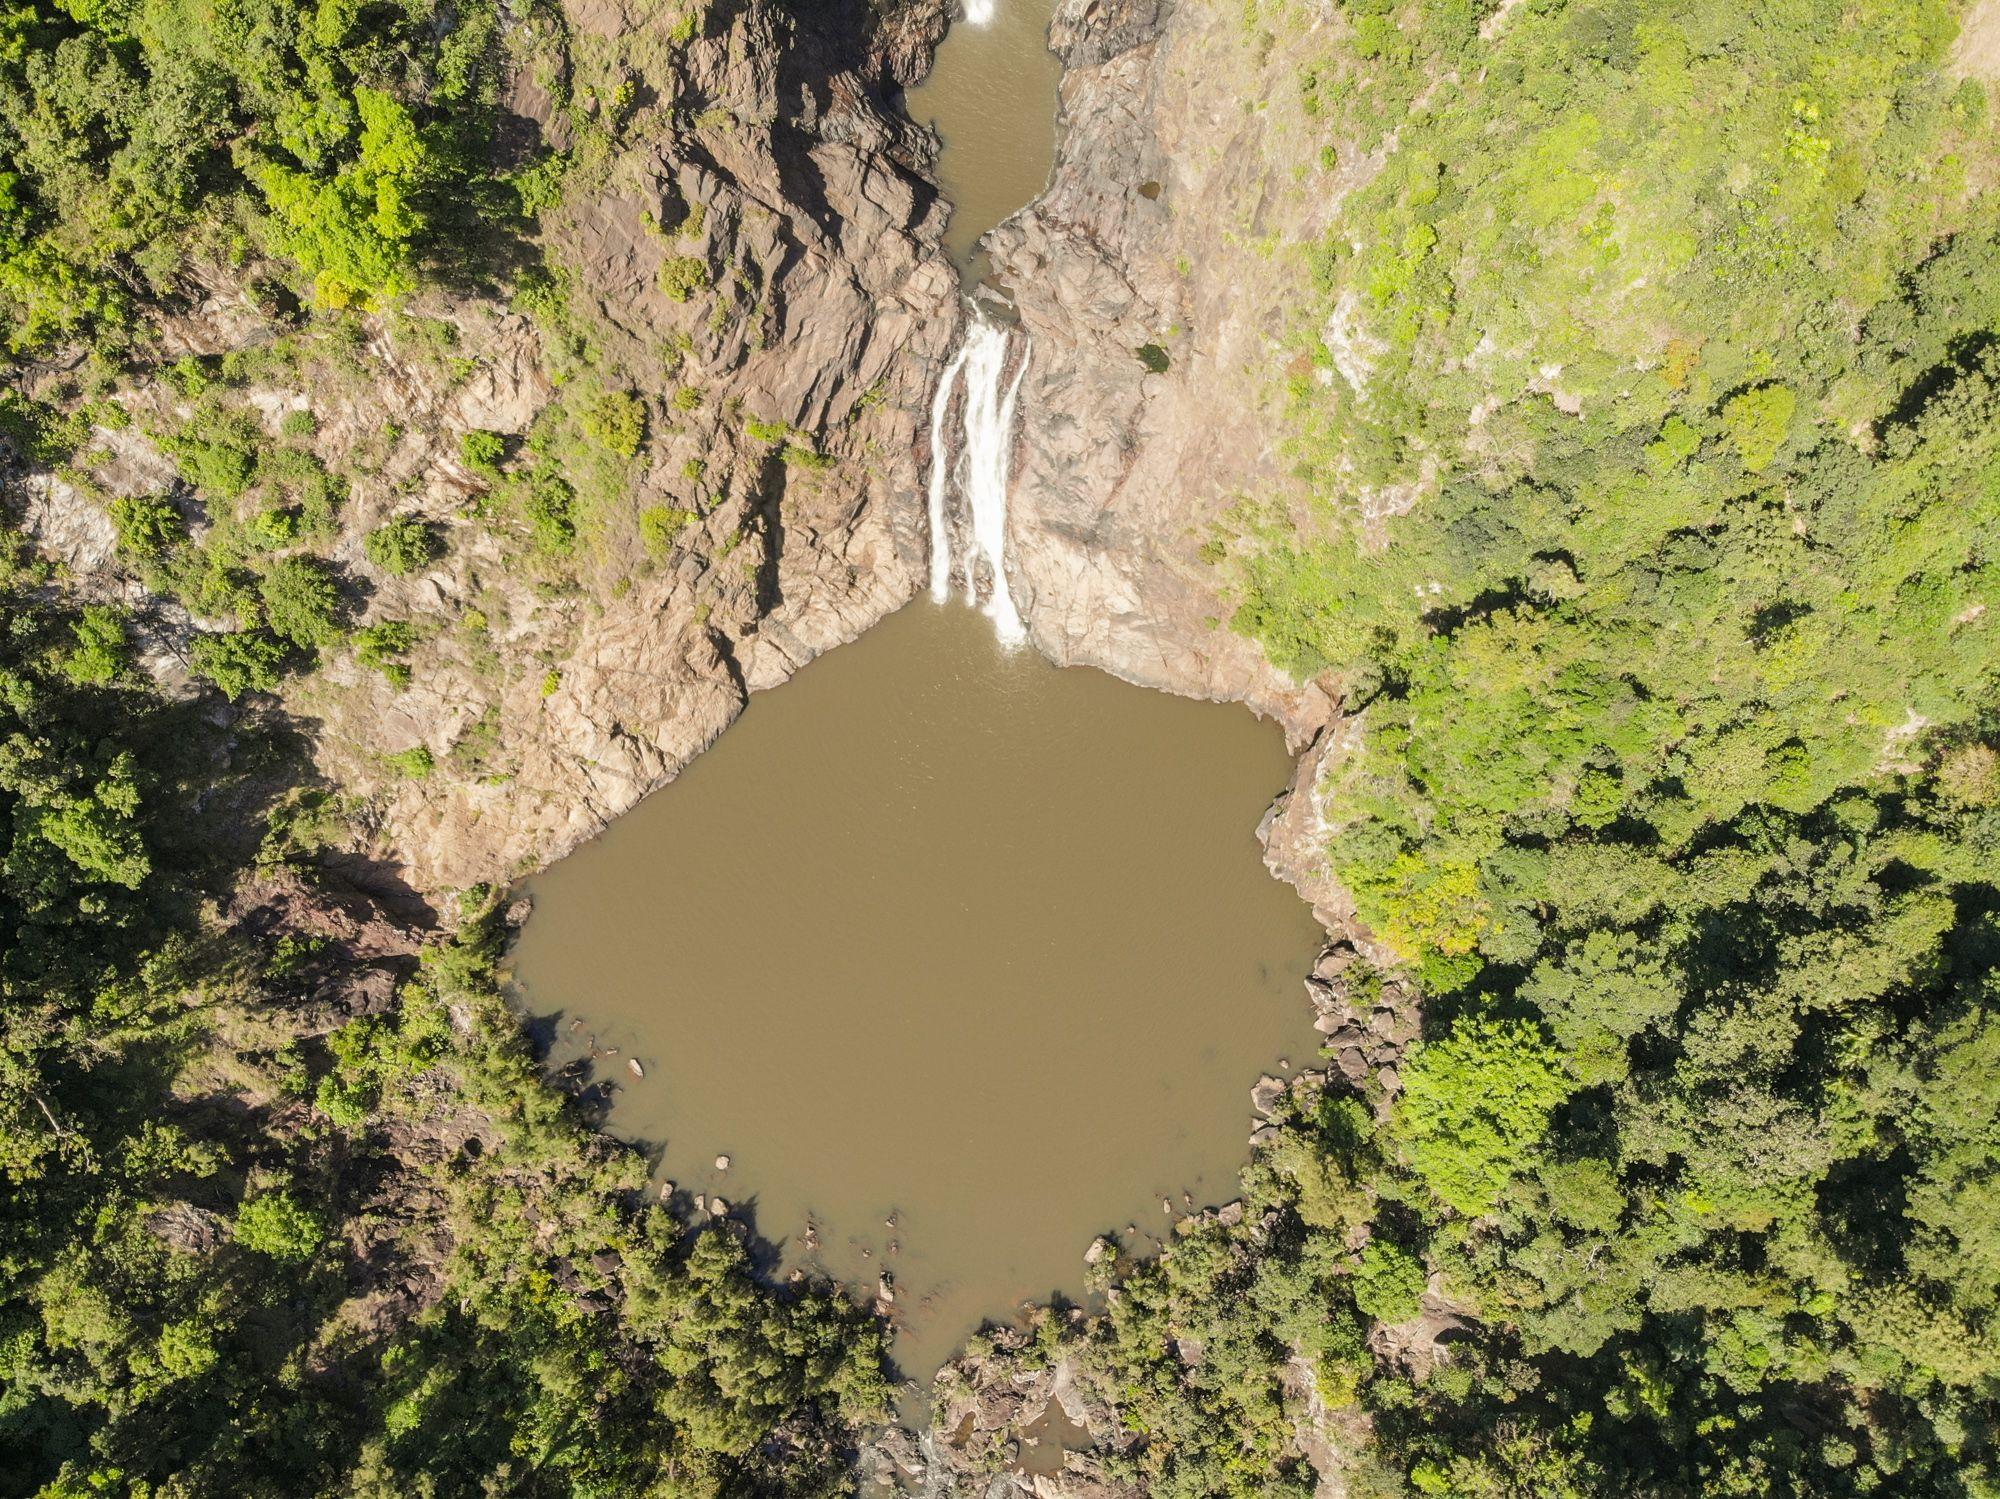 rappel 3 pool garrawalt creek